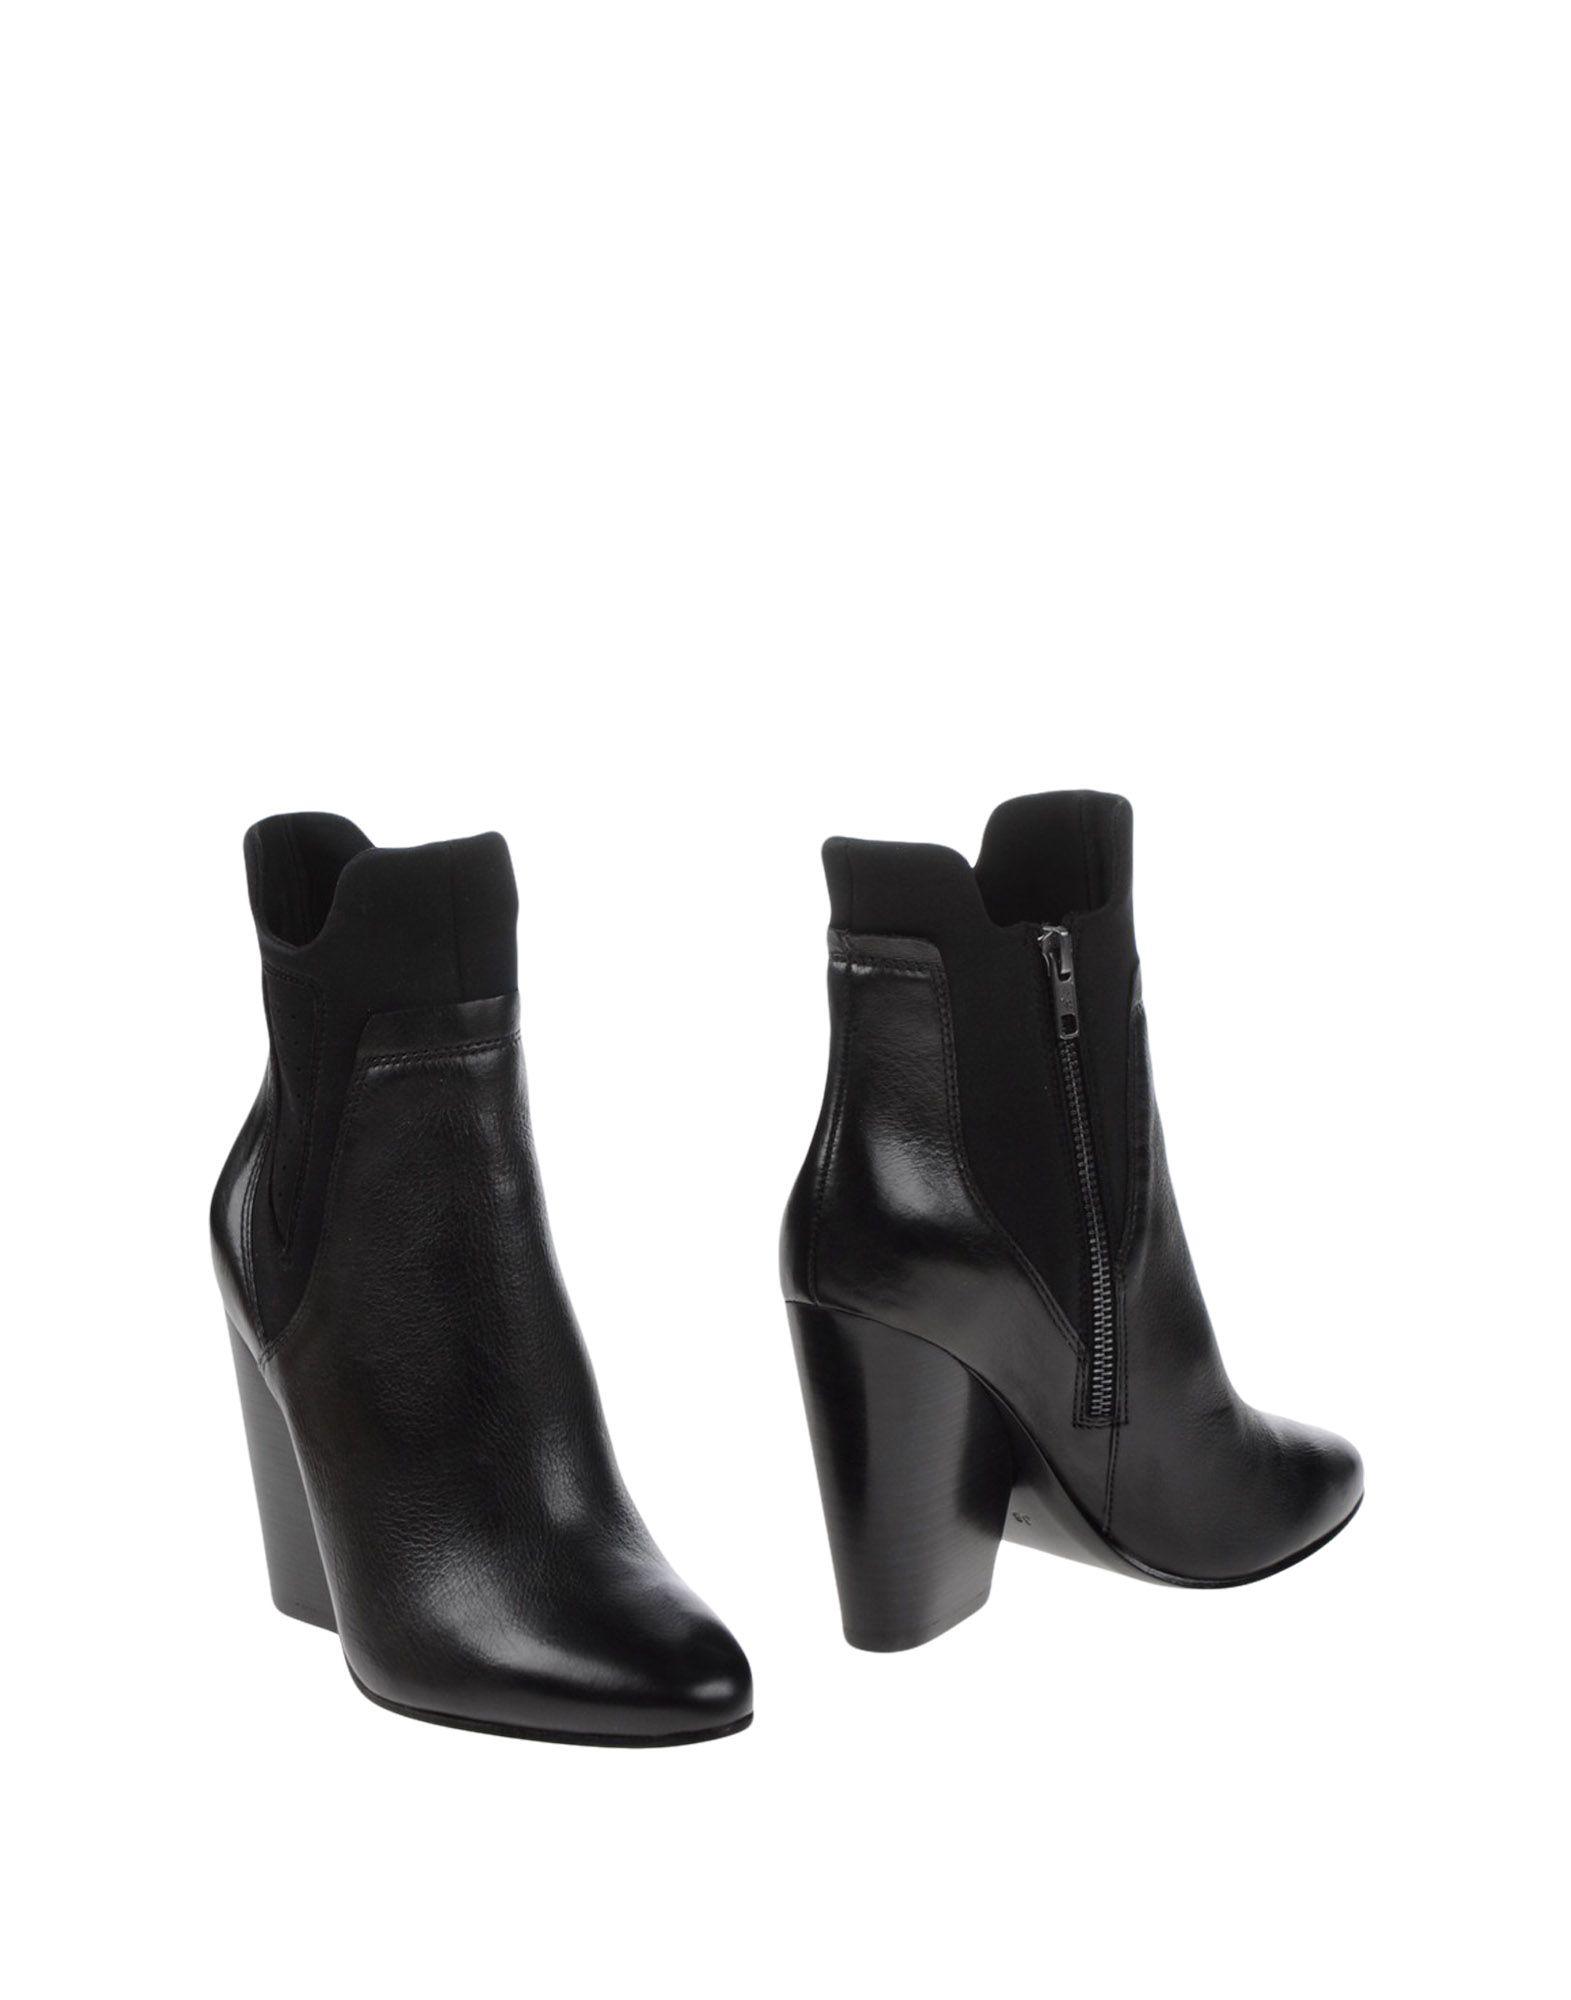 Bottine Ash Femme - Bottines Ash Noir Nouvelles chaussures pour hommes et femmes, remise limitée dans le temps